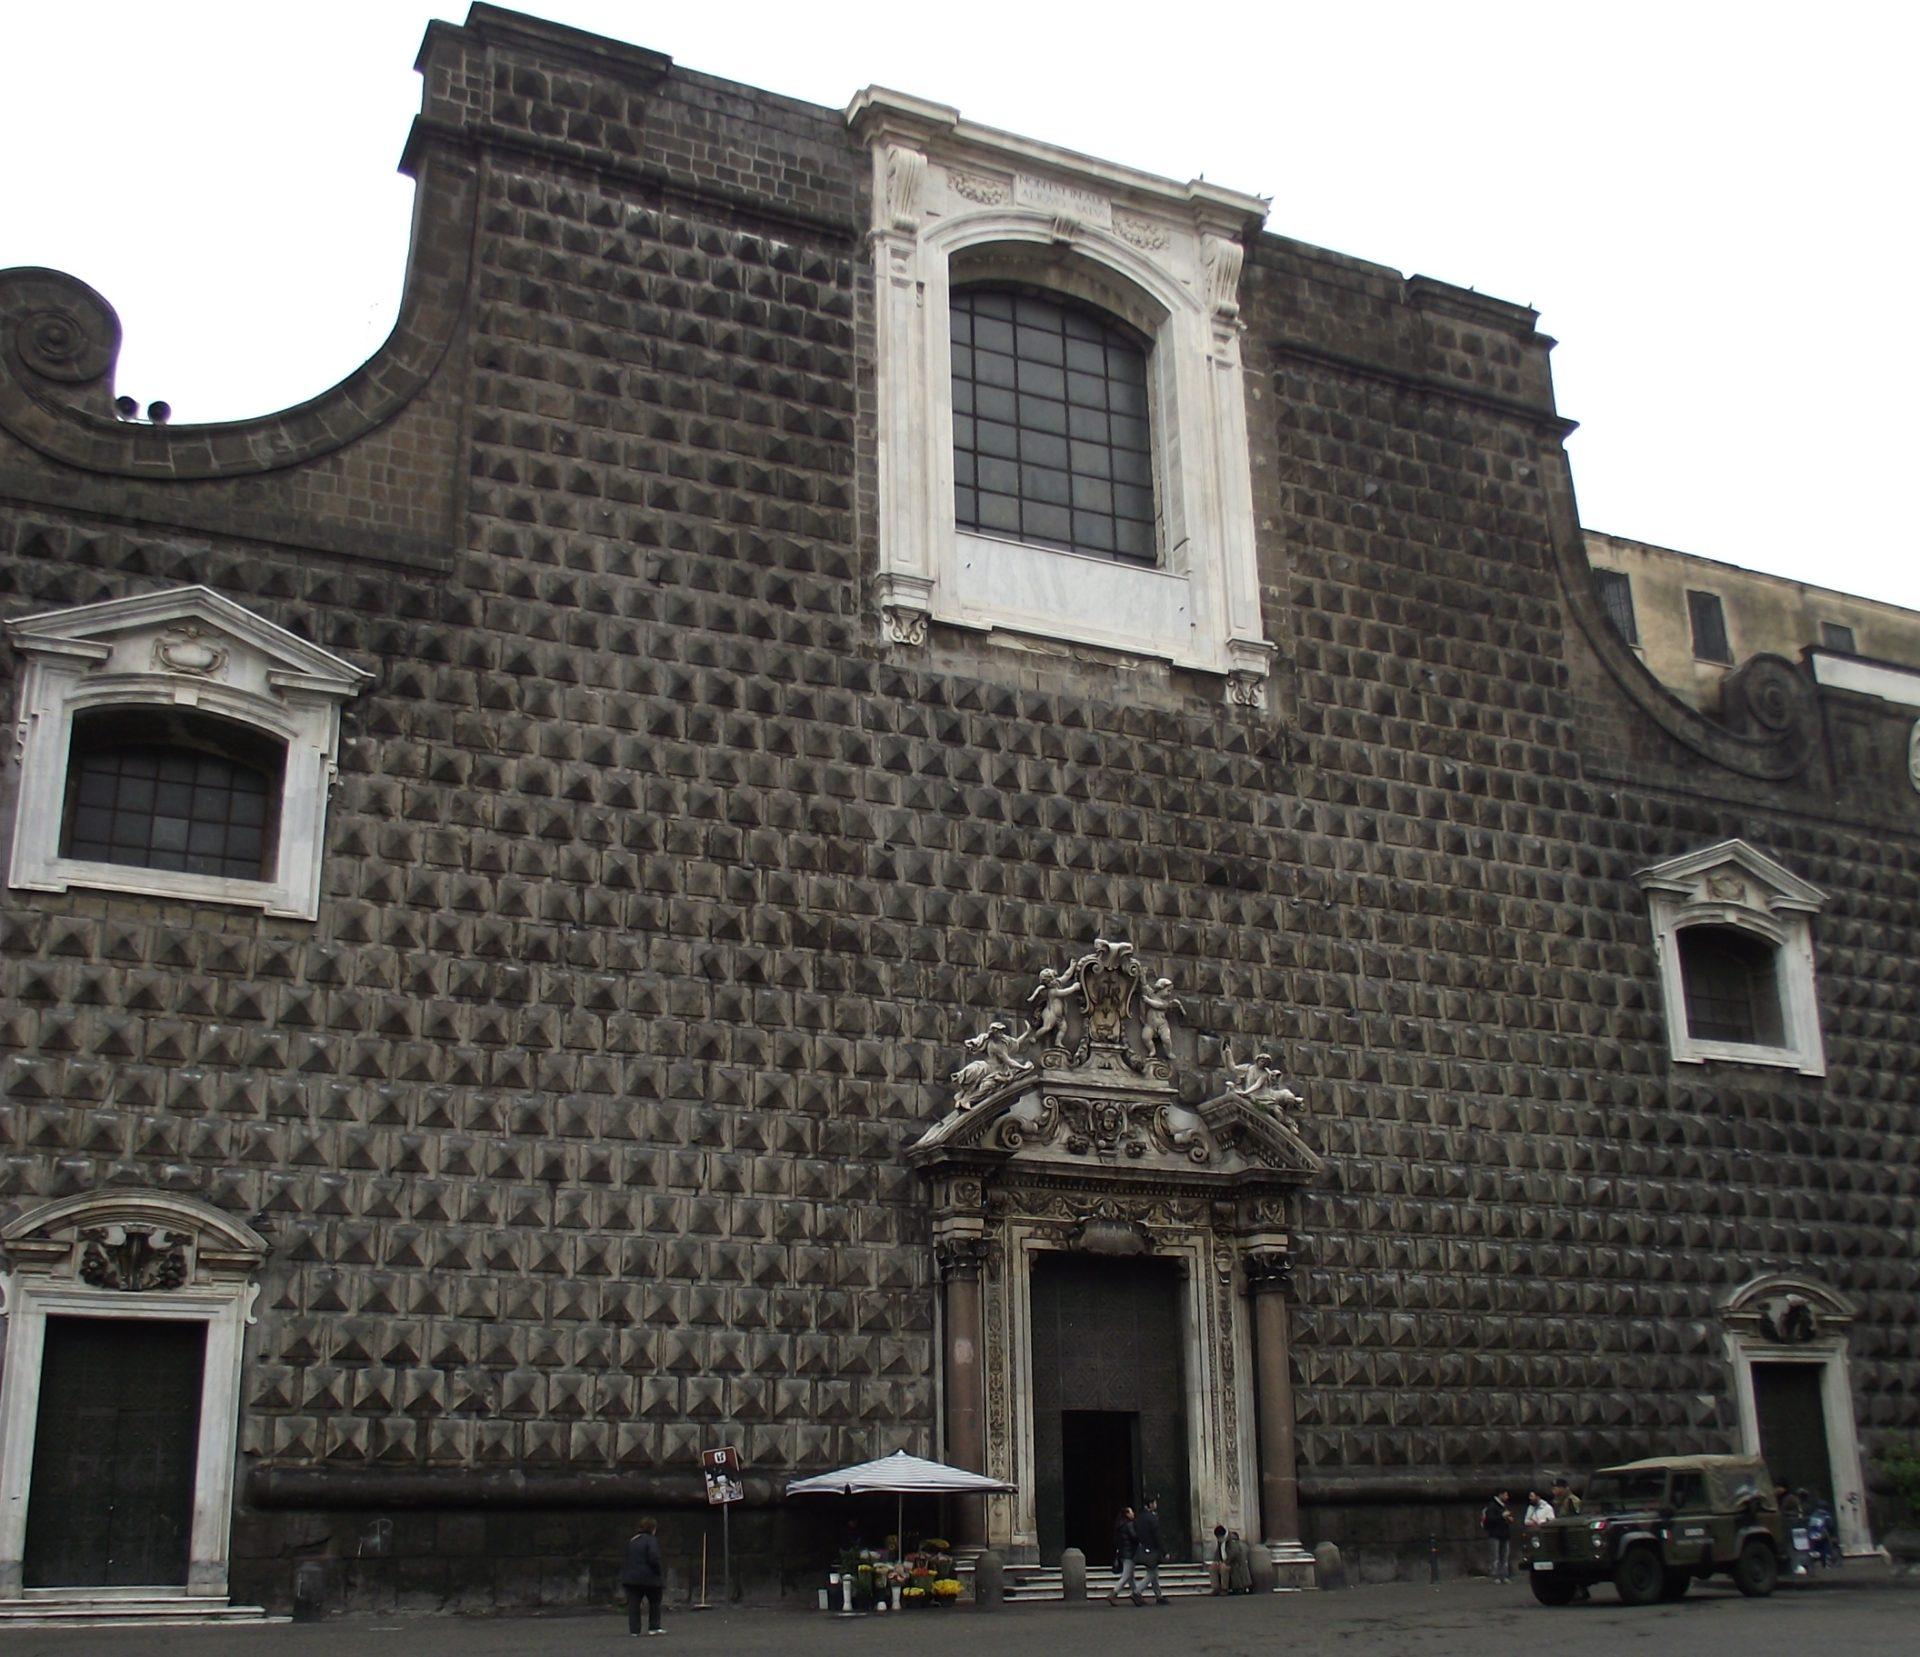 Salerno Letteratura: Il Bugnato Della Chiesa Del Gesù Nuovo: Tra Esoterismo E